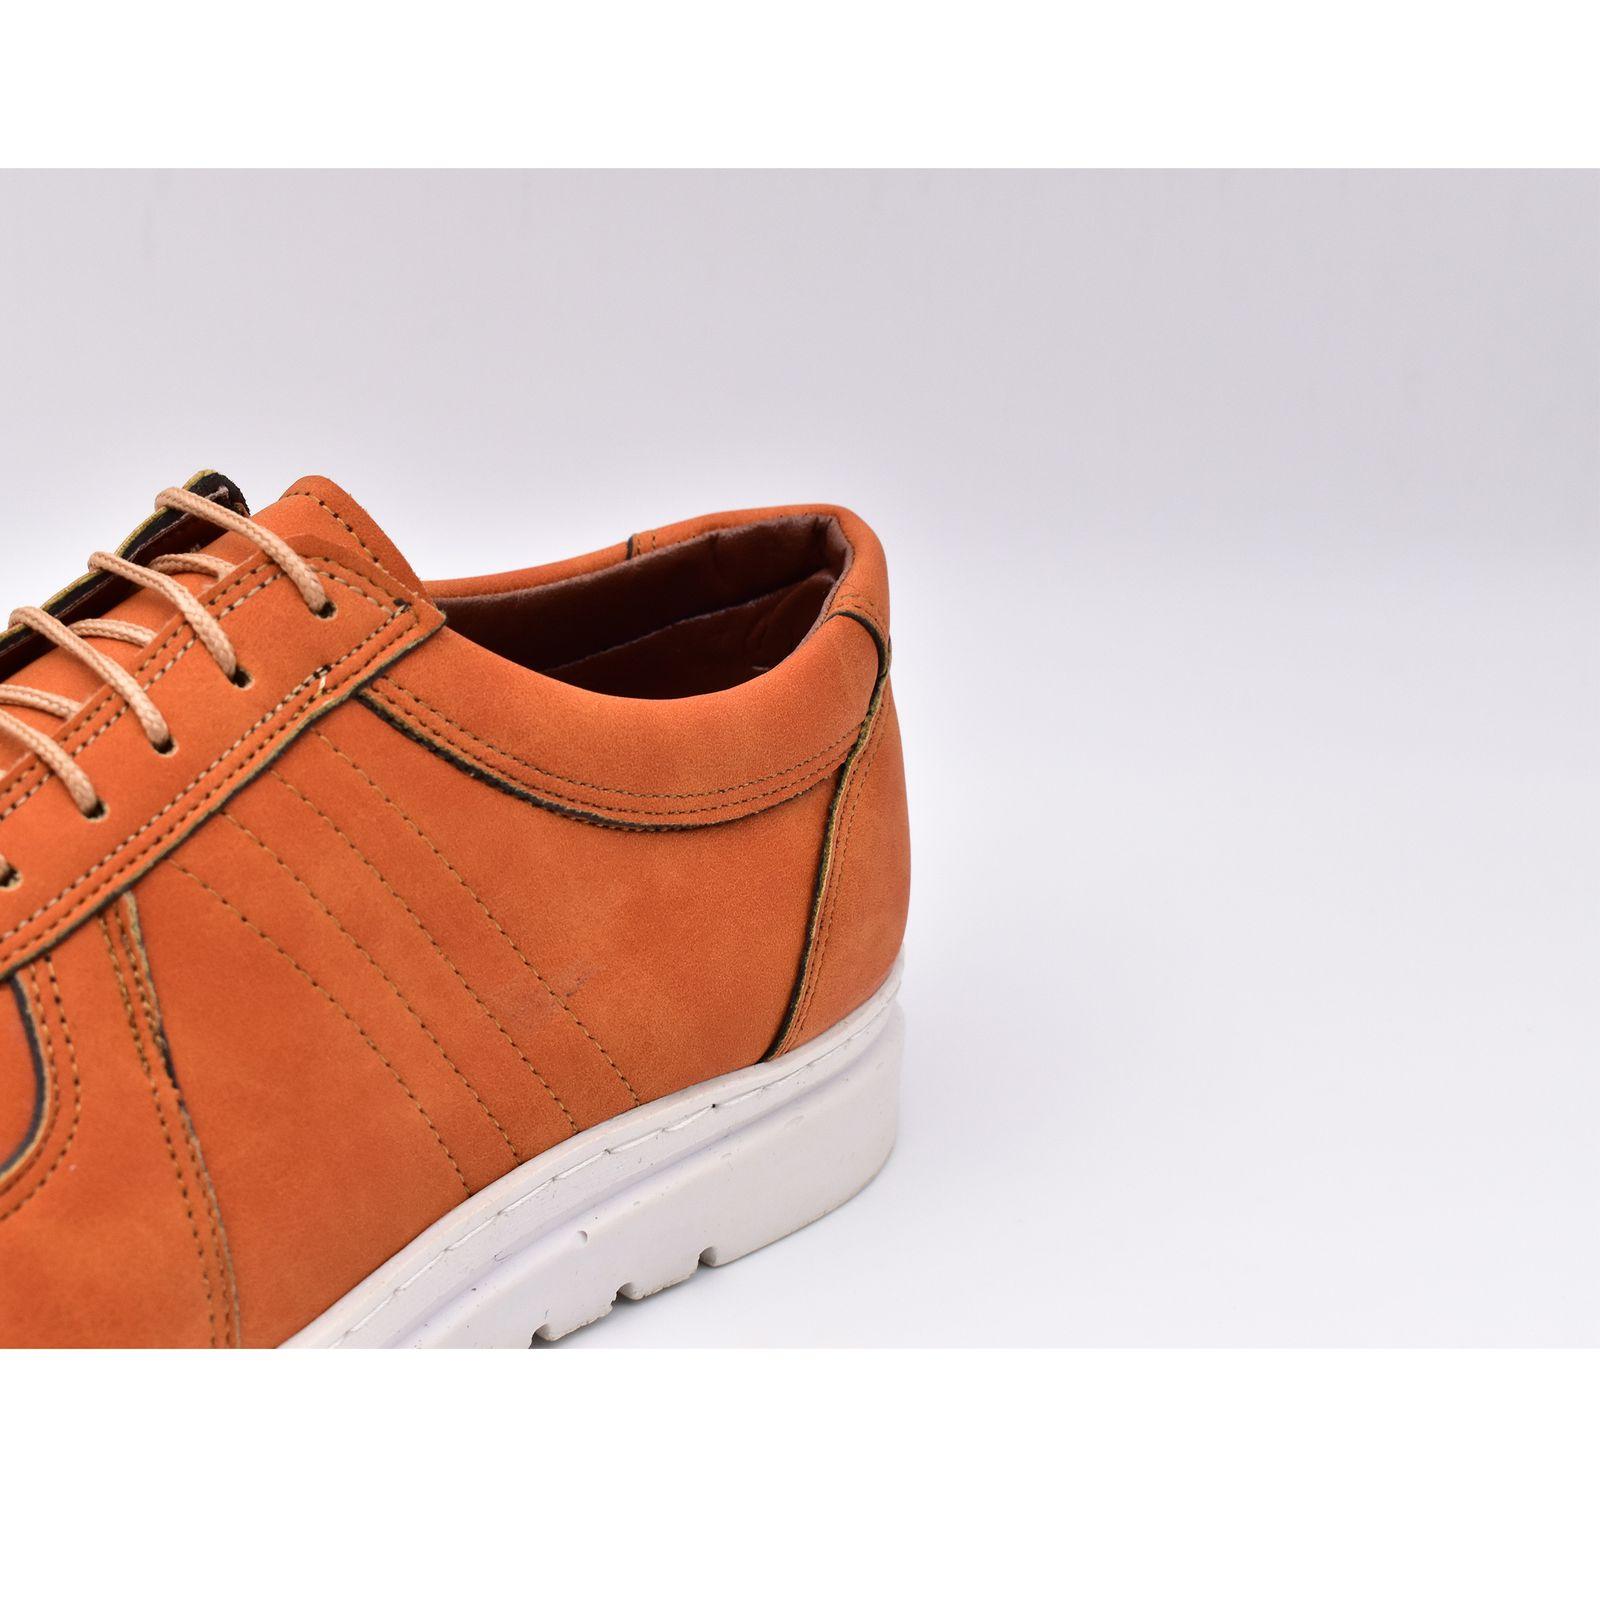 کفش روزمره مردانه کد 480AB -  - 4